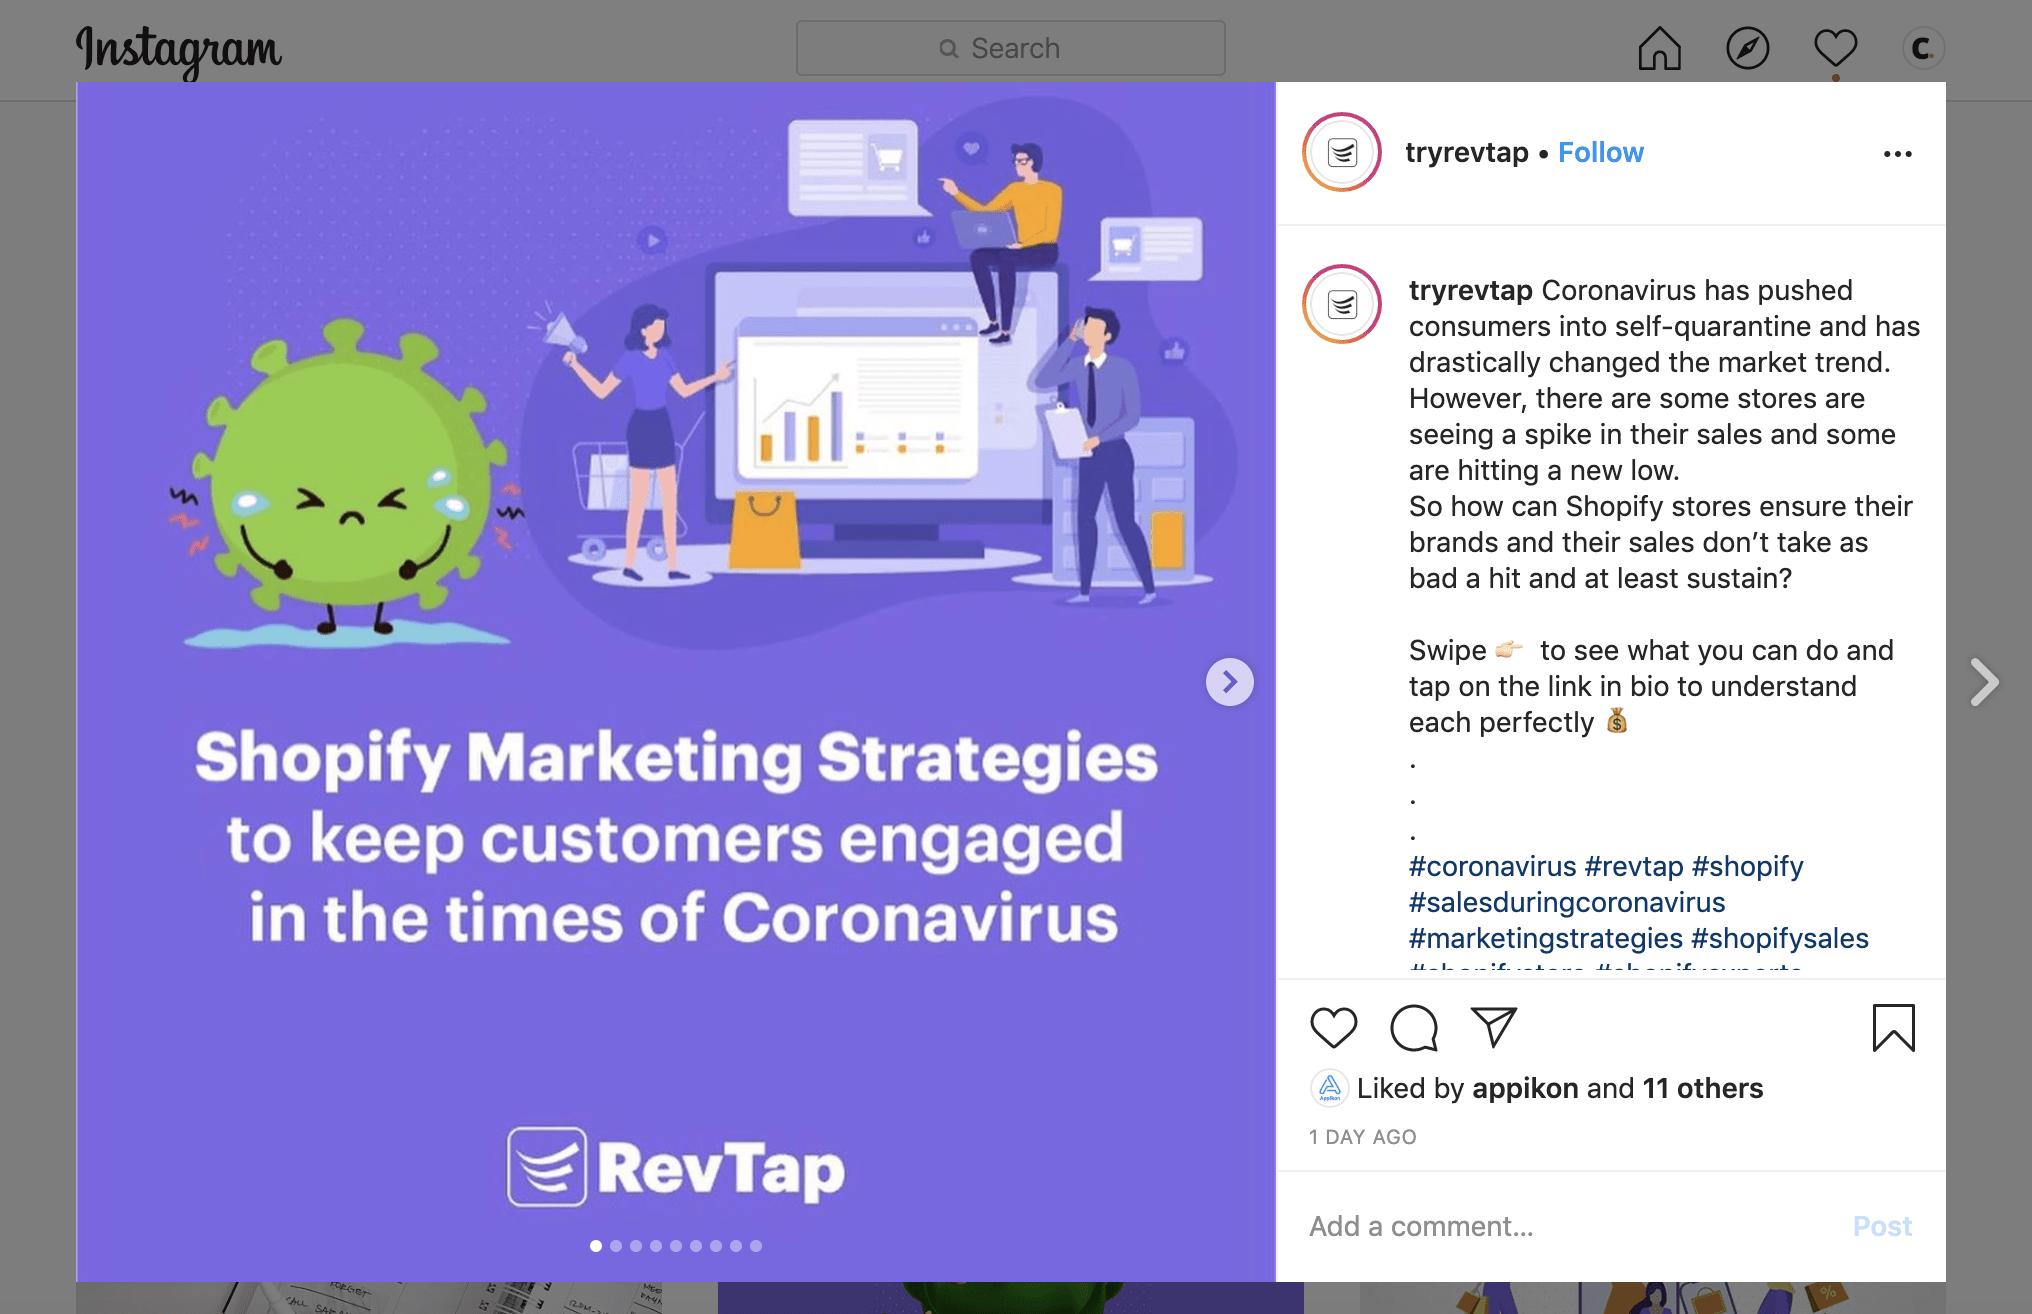 shopify apps revtap social media